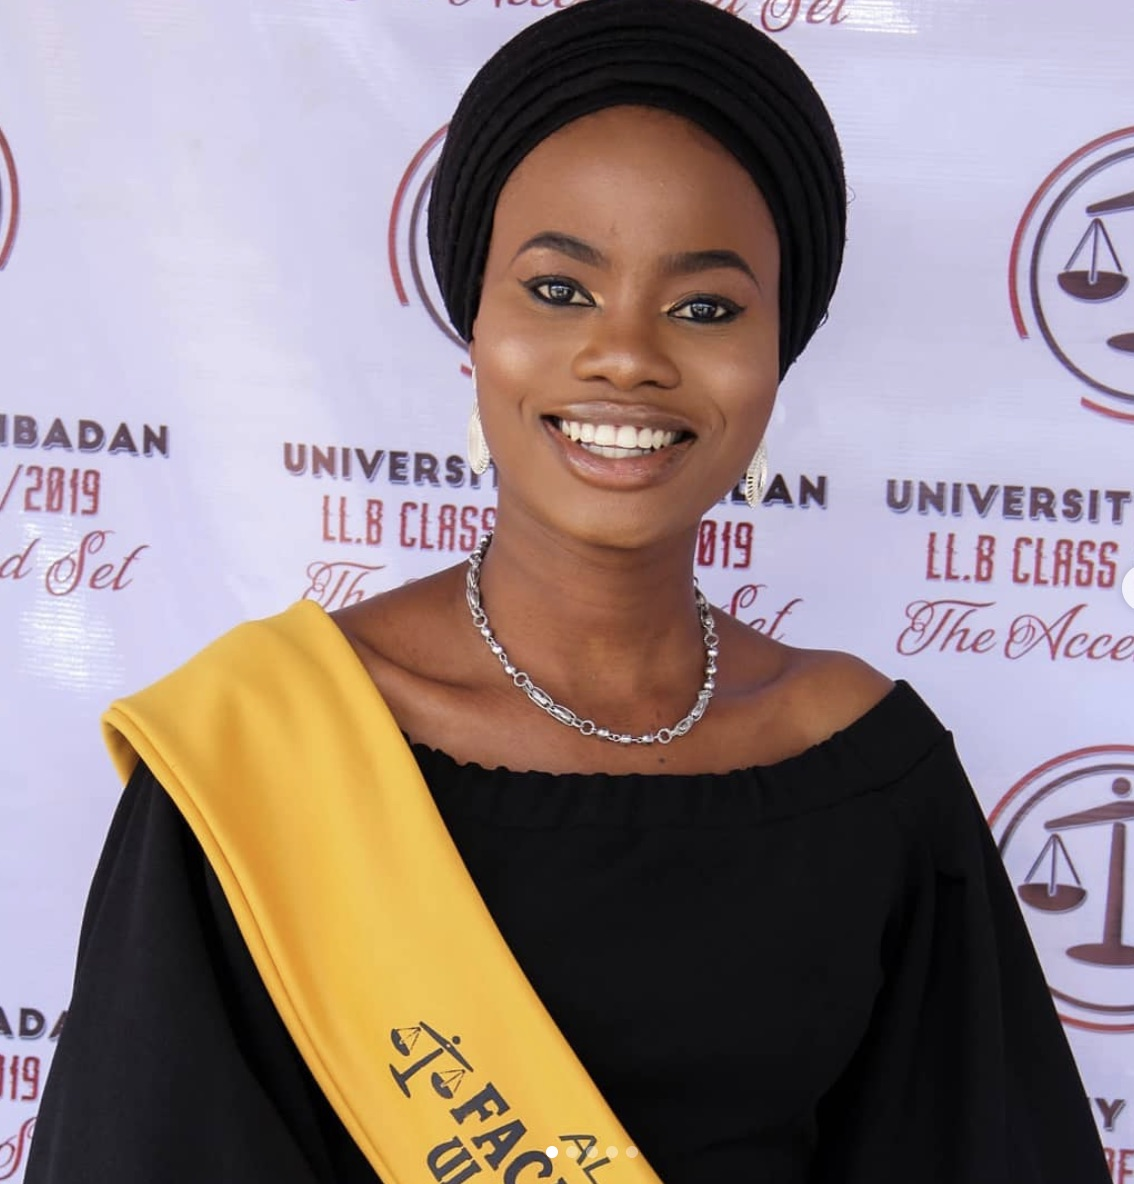 Bukola Fatima Alada, when she graduated at UI